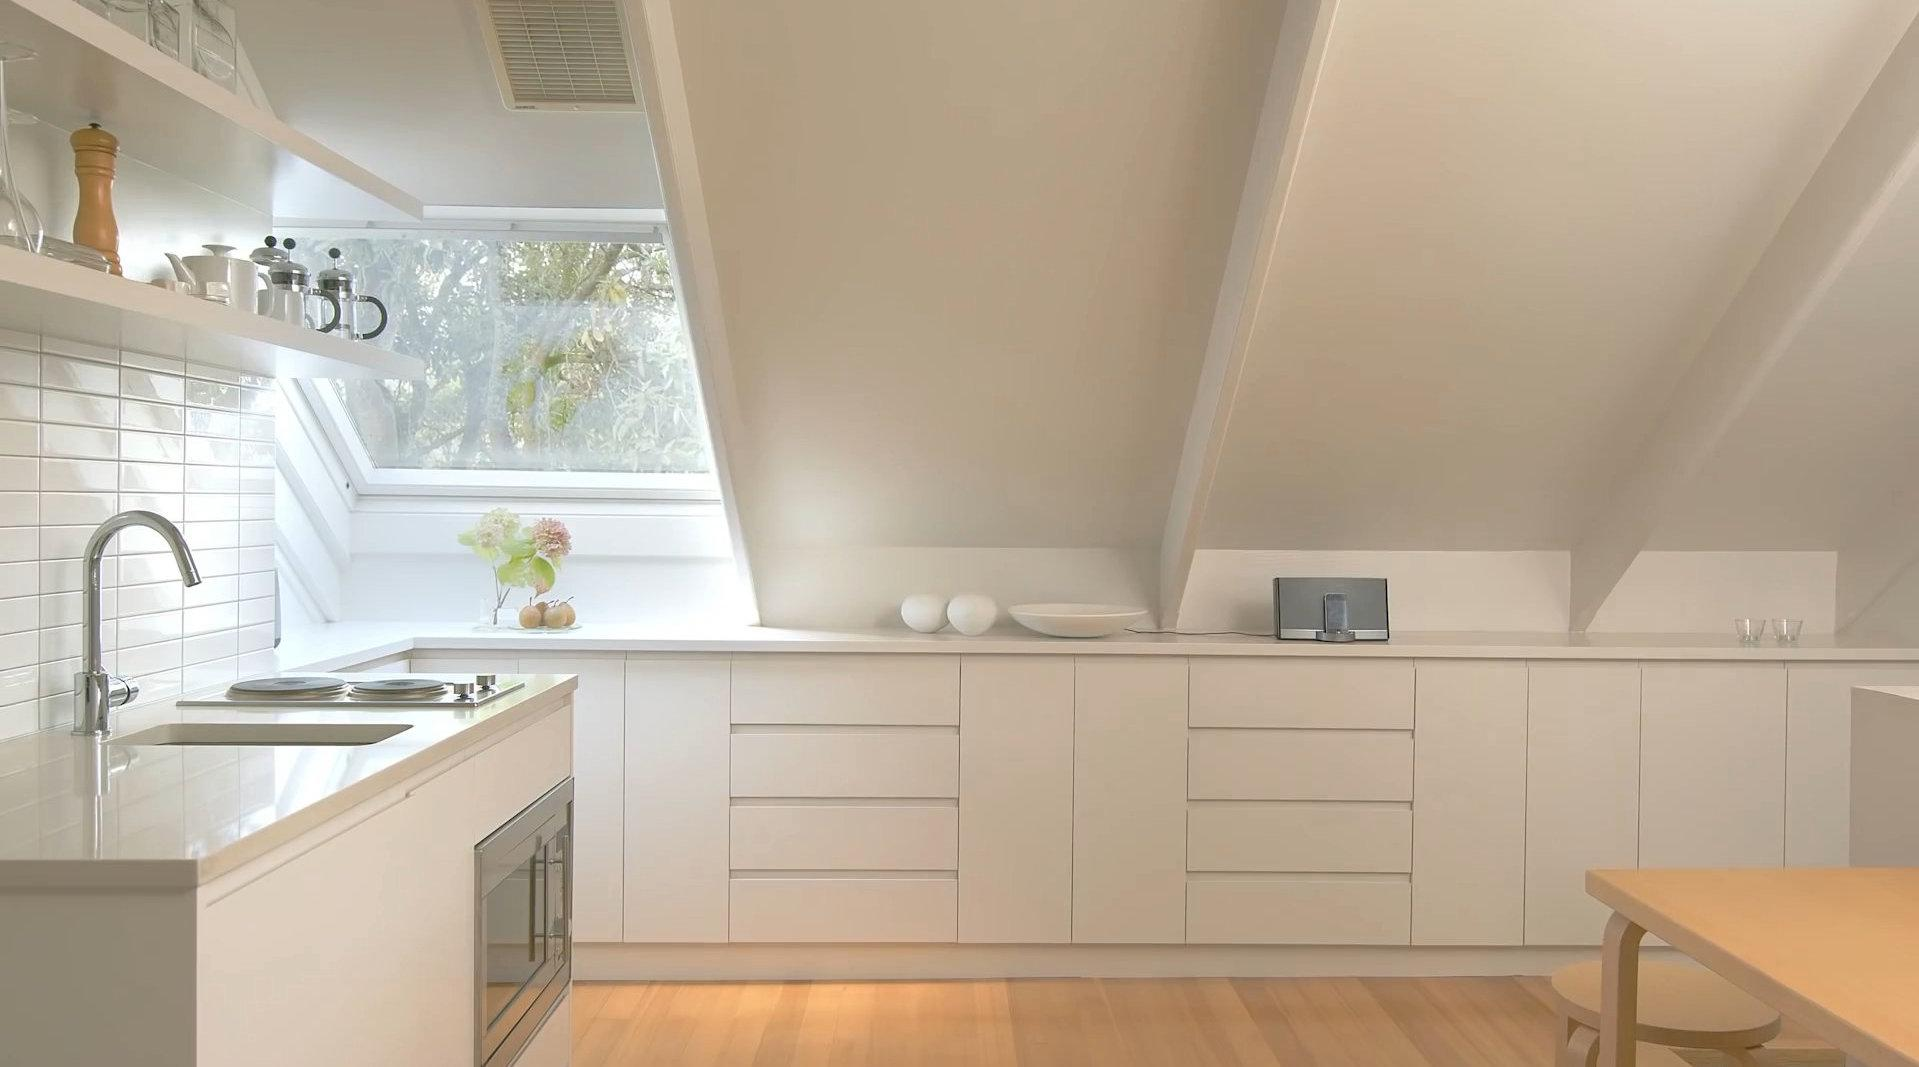 家有小阁楼装修别敷衍,48平现代极简风设计榜样呈现